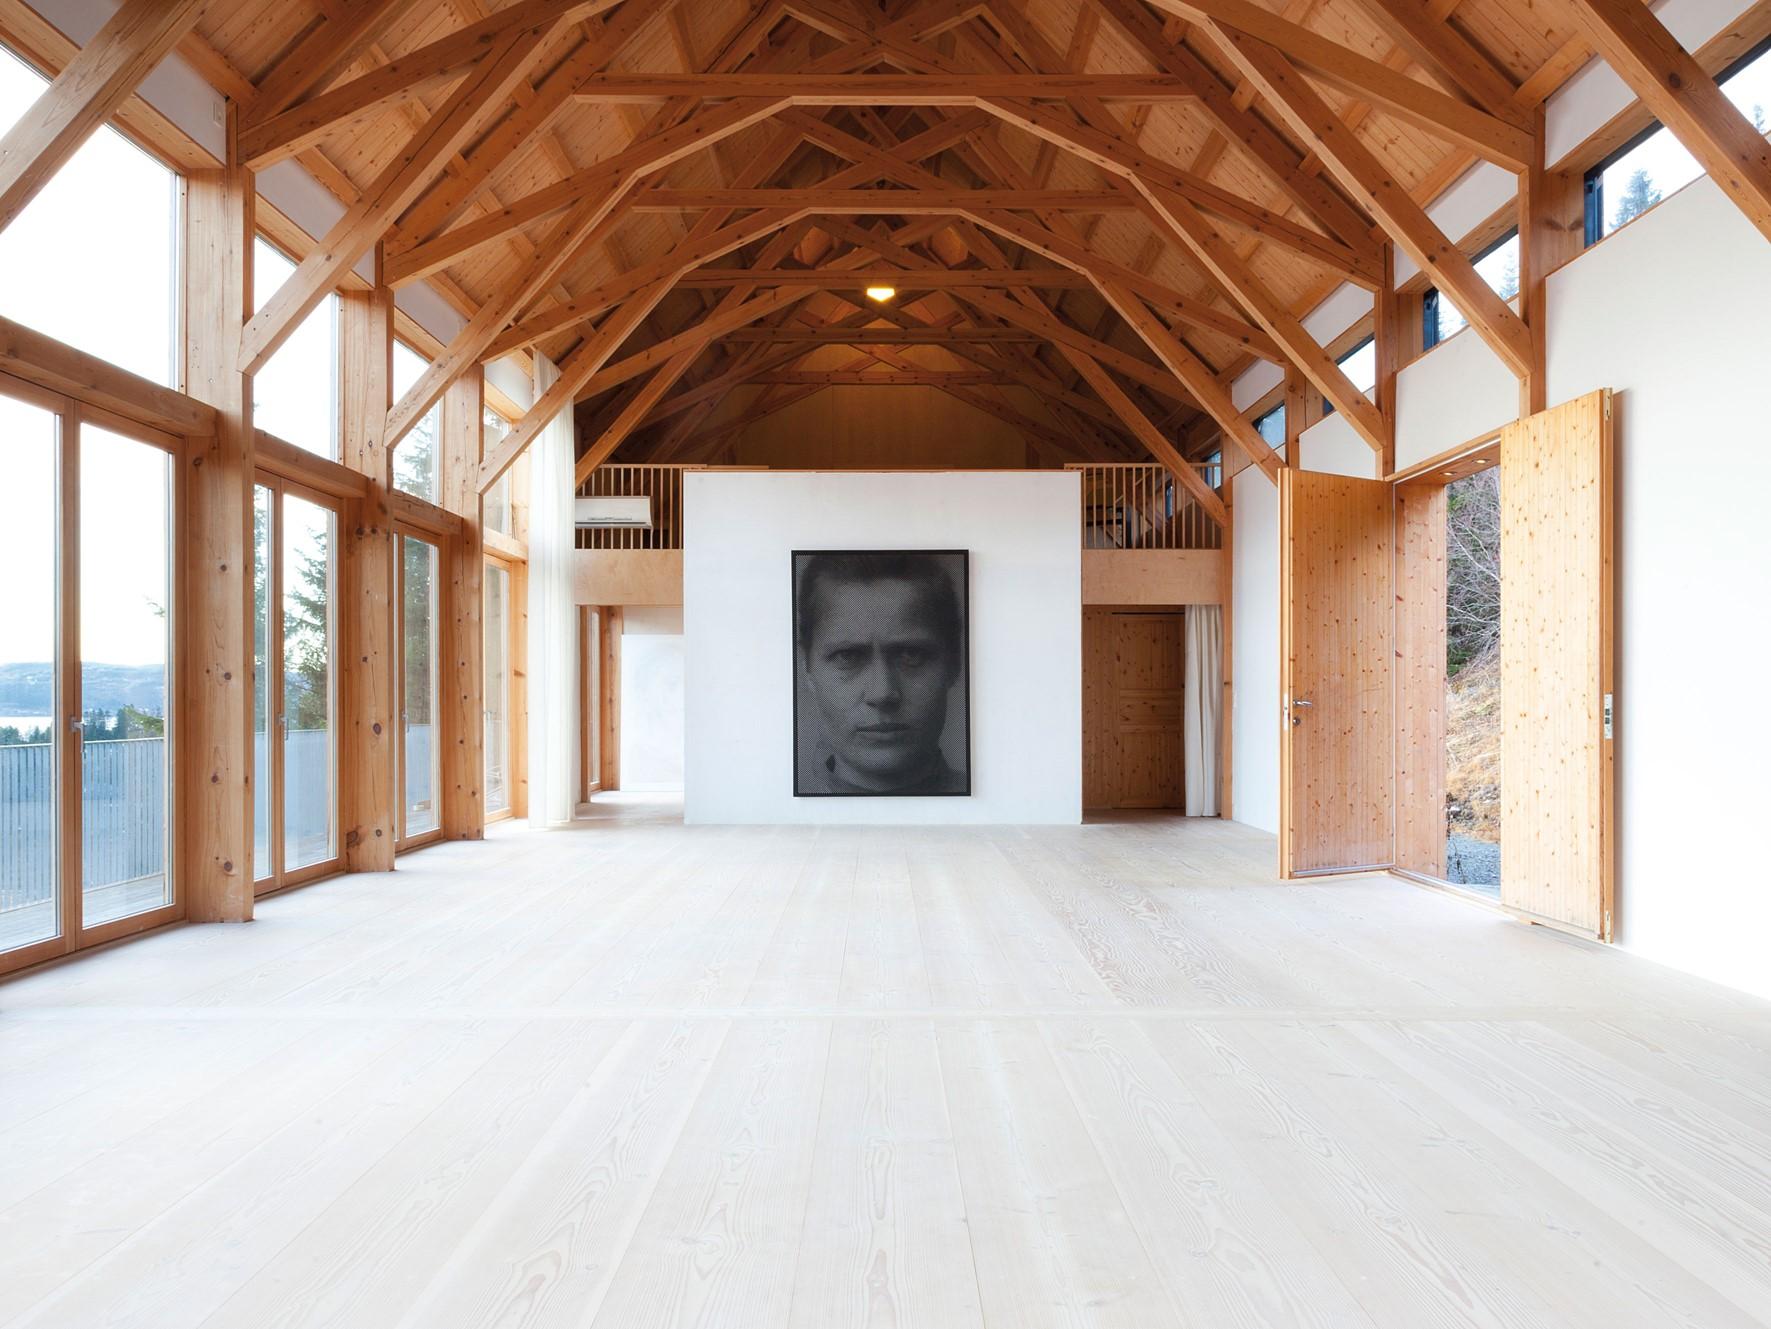 douglas-flooring_lye-and-white-soap_studio-nylenne_dinesen_01.jpg